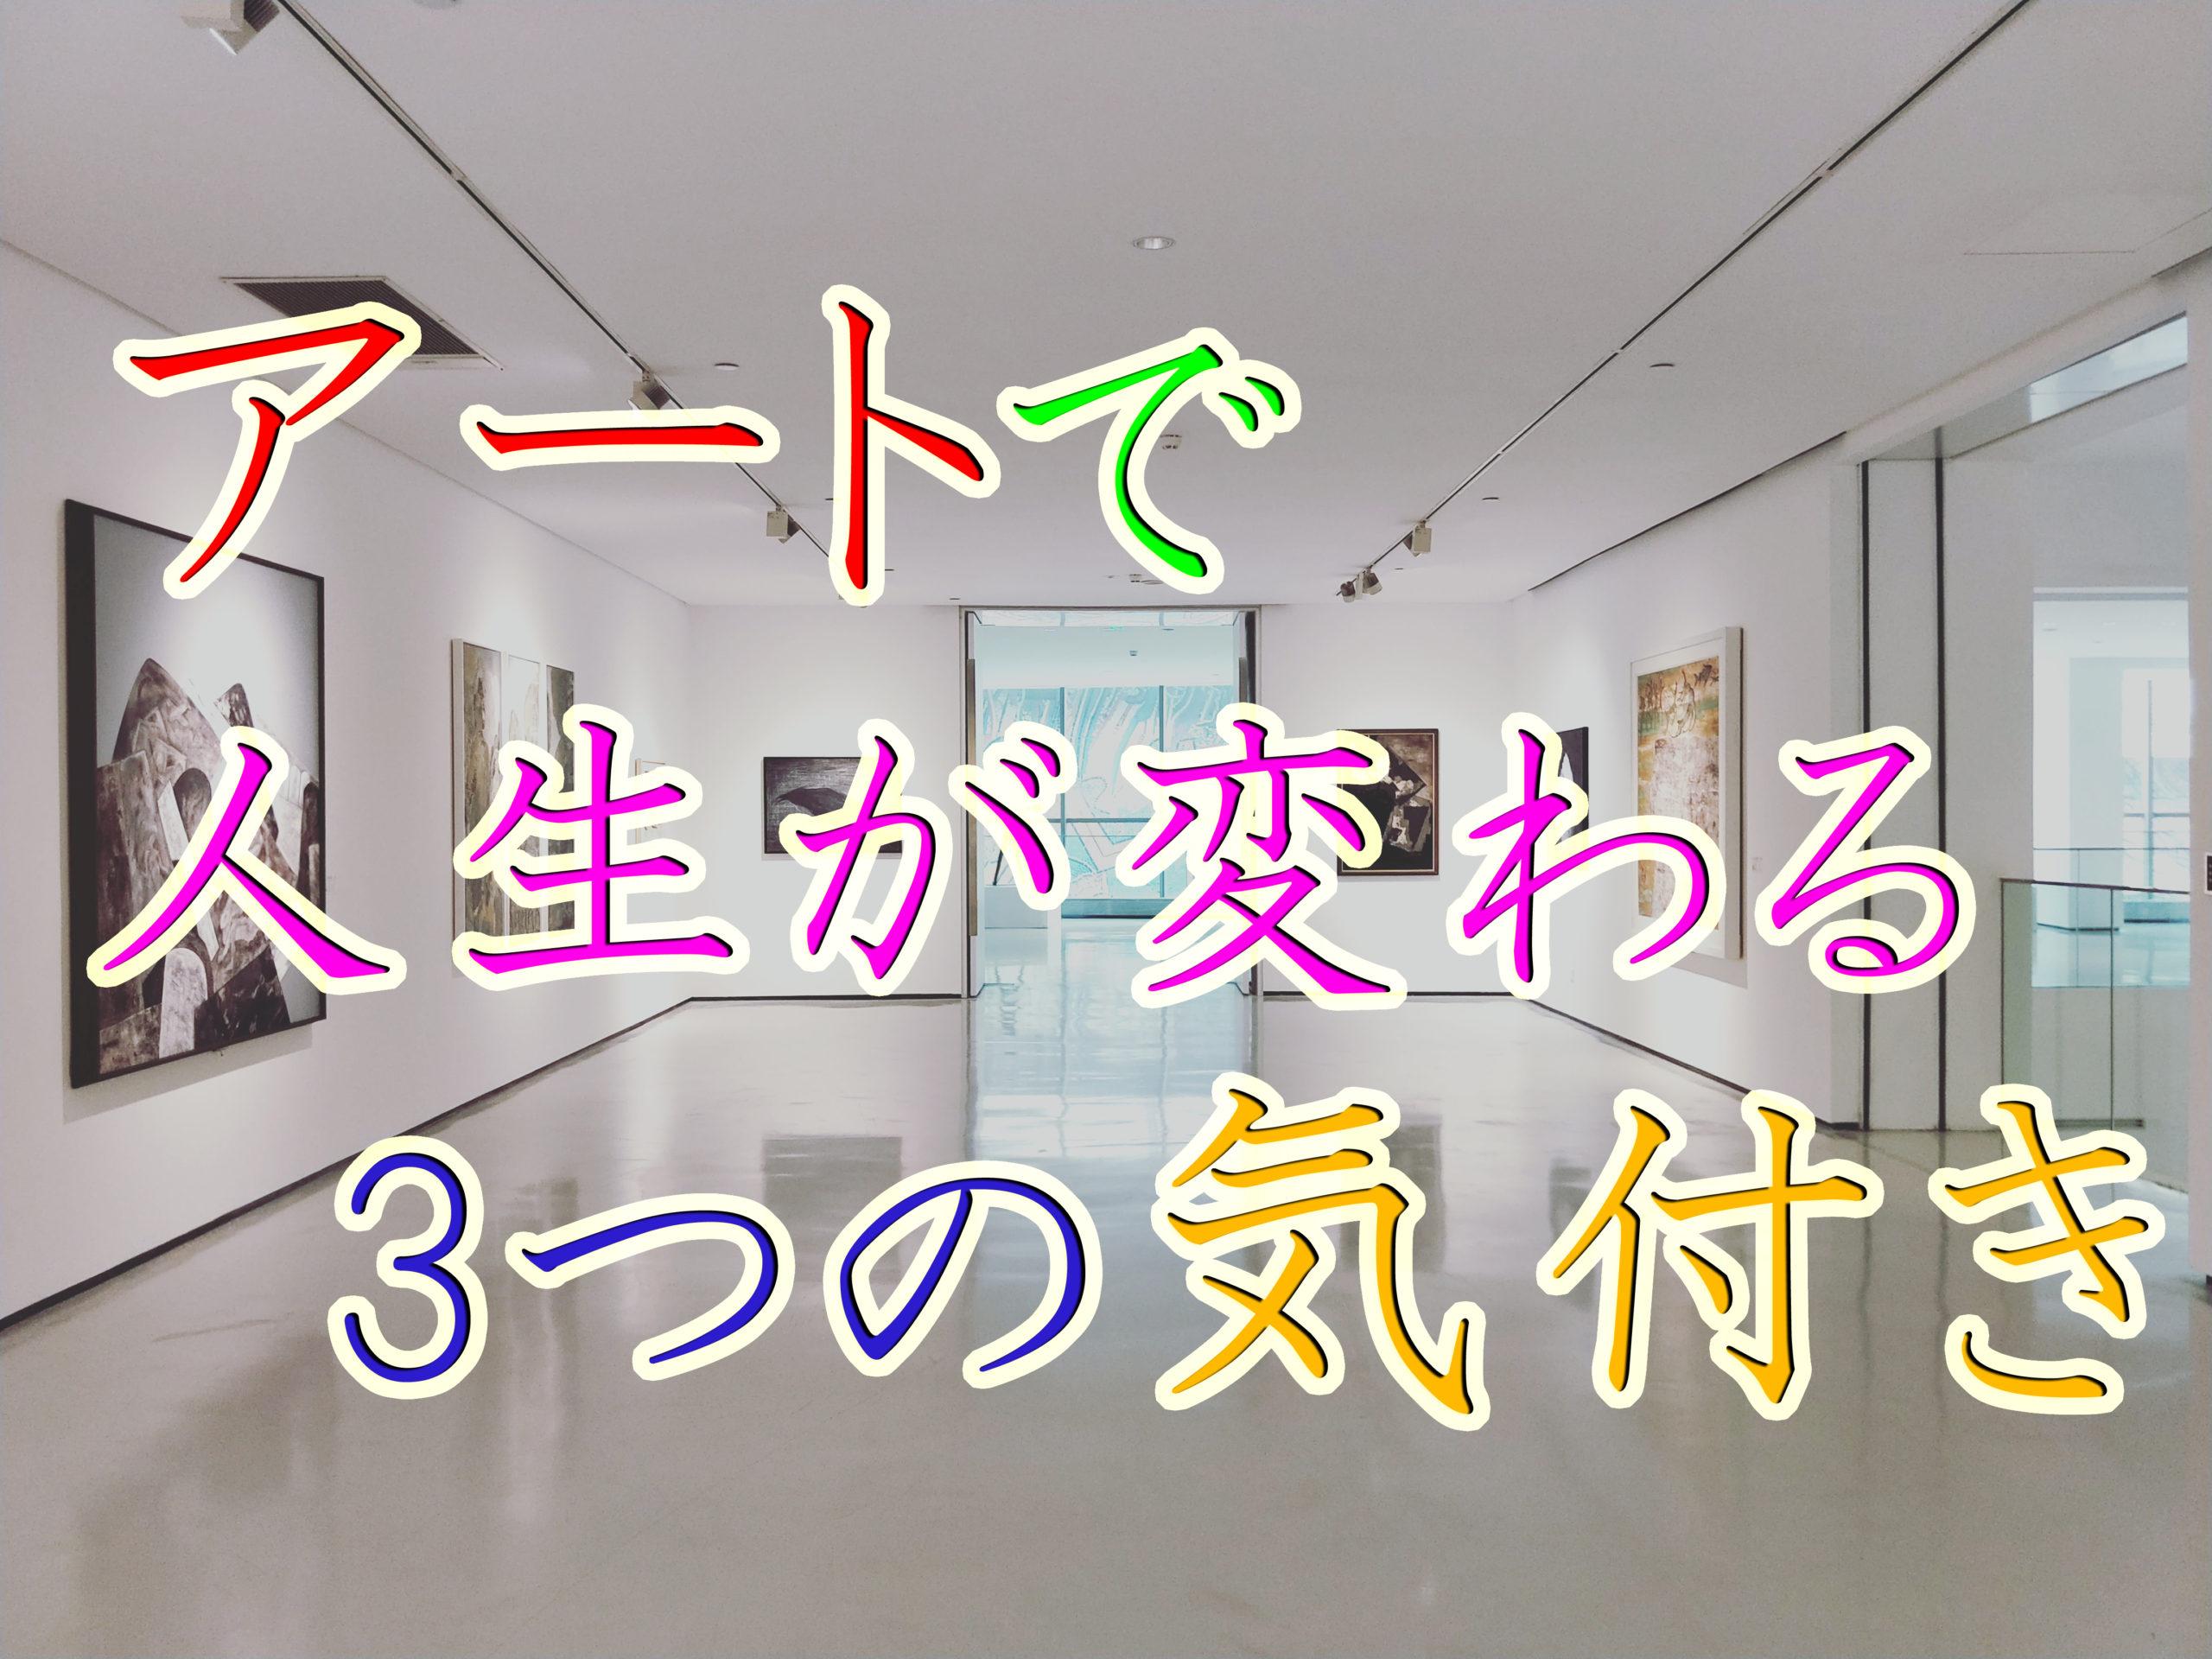 アートで人生が変わる3つの気付き【人は芸術に触れなければならない】